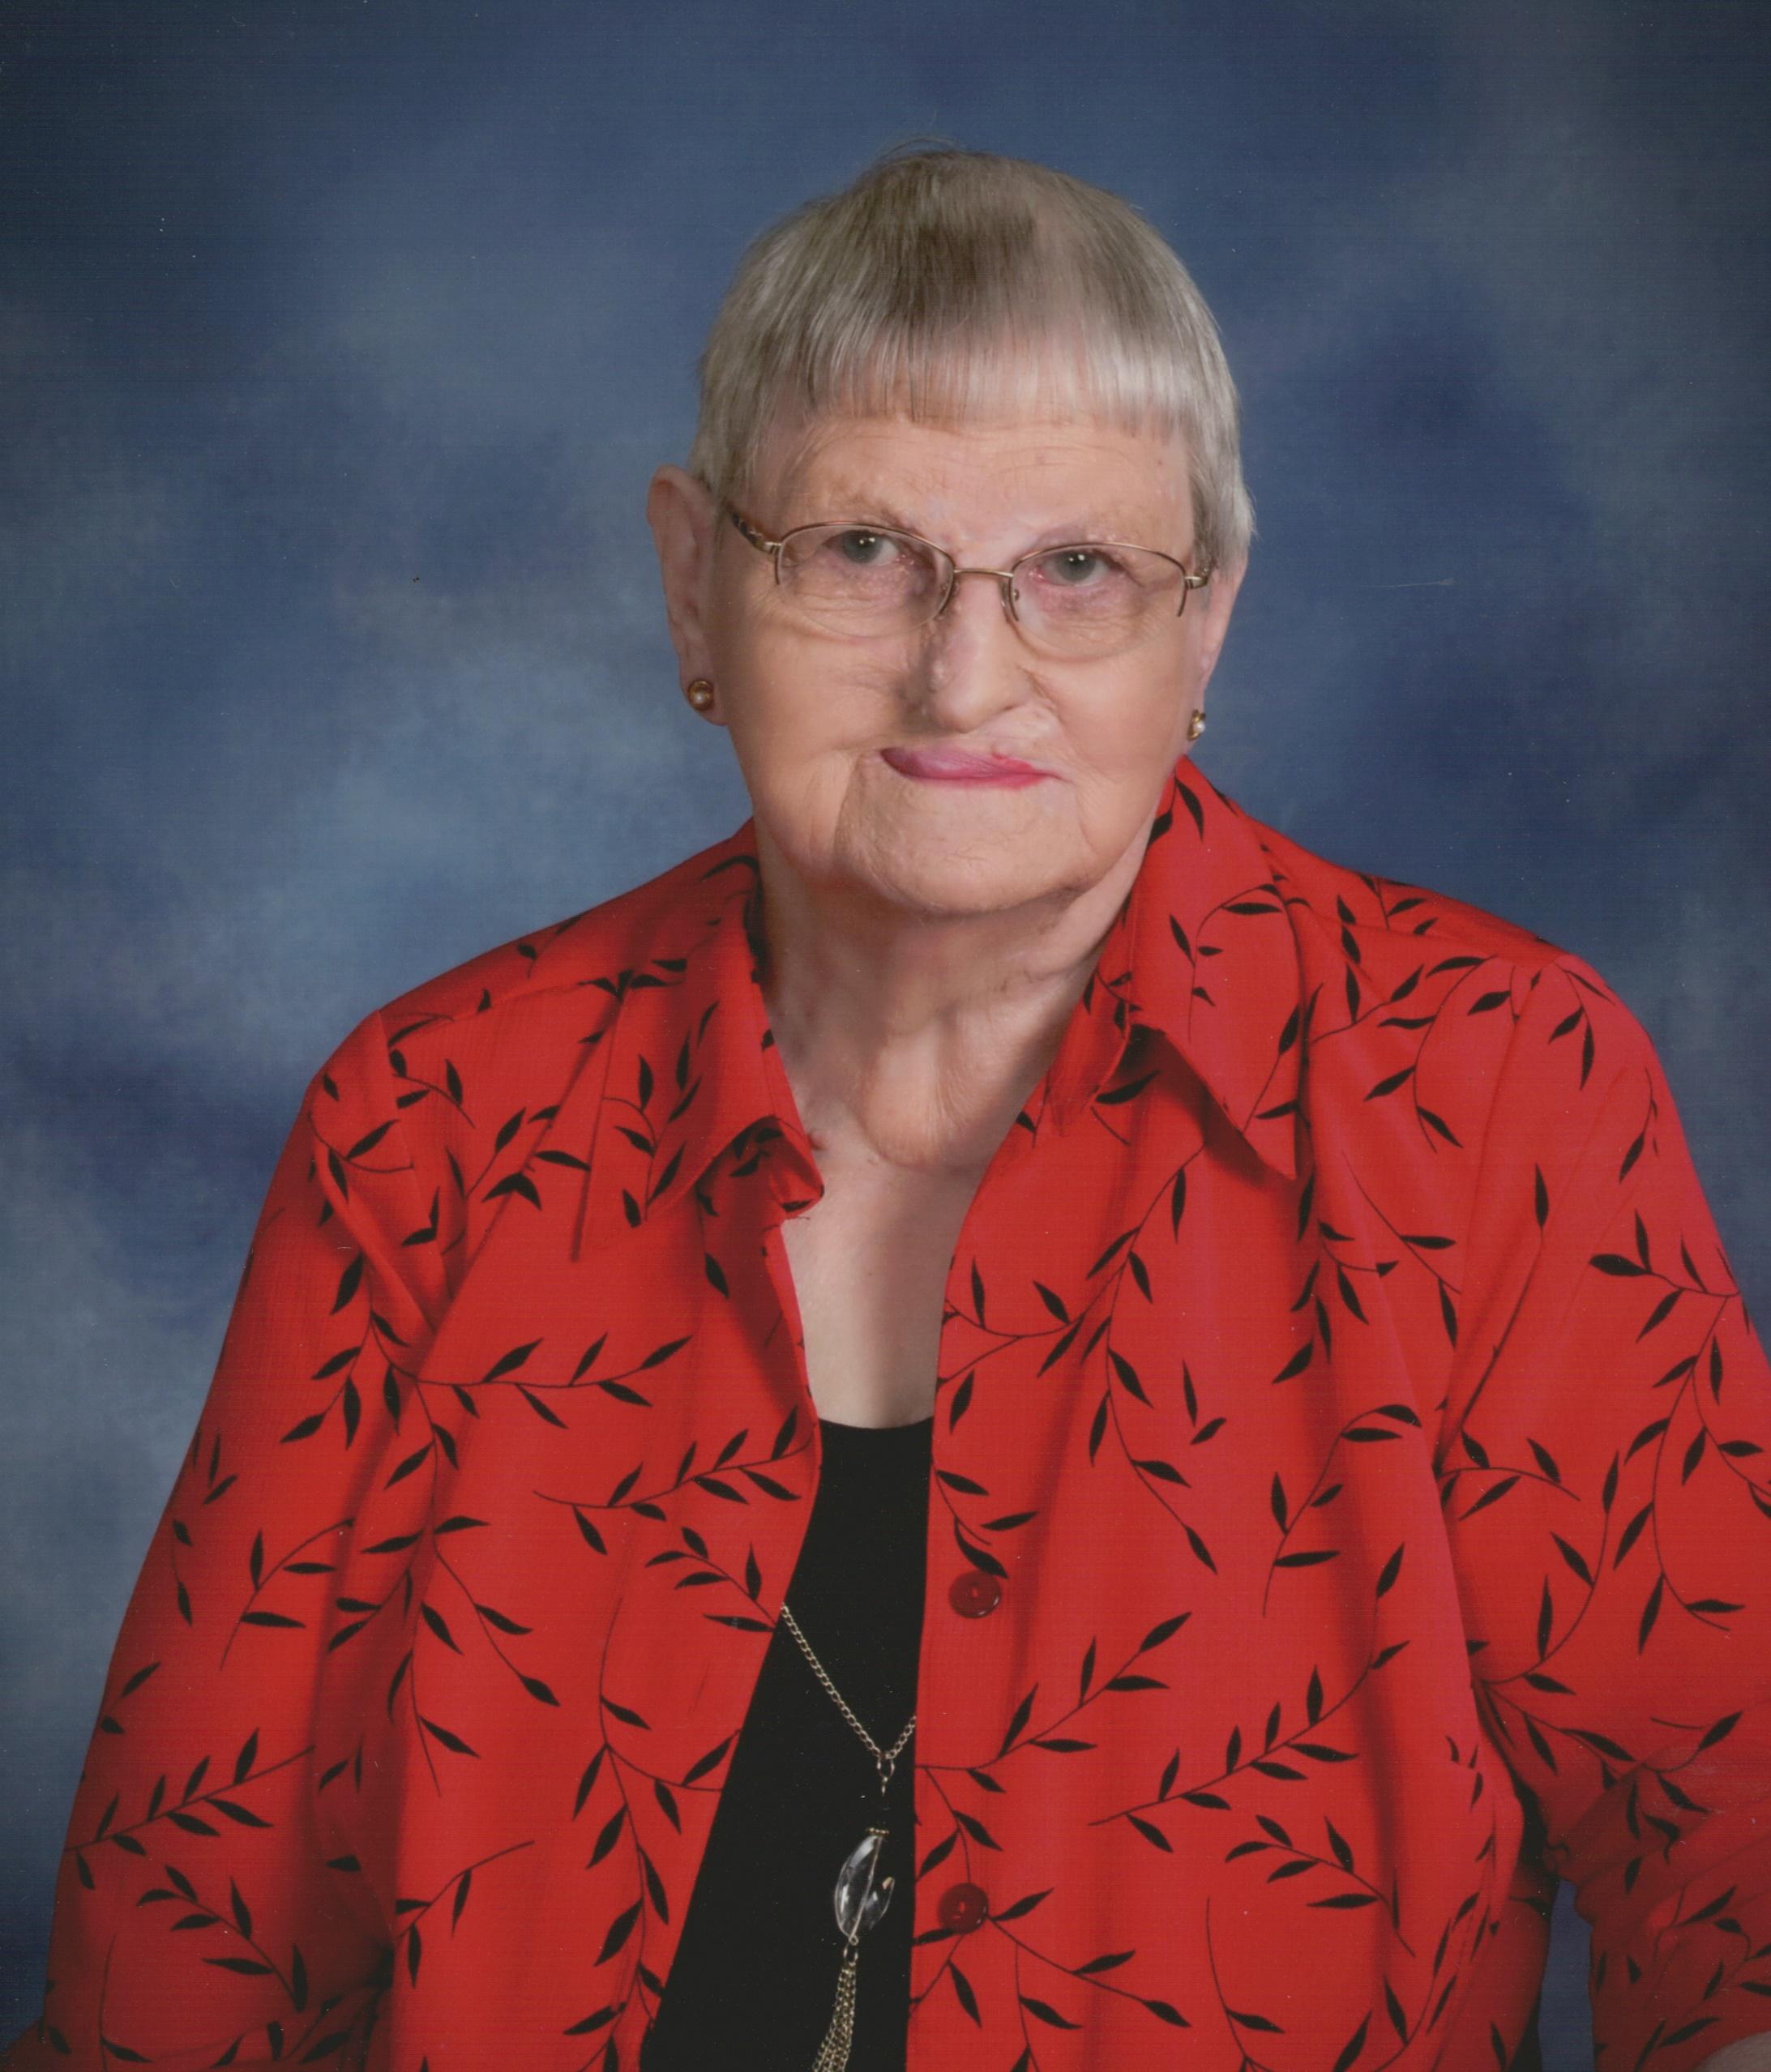 Oliva Luebbert, age 93, of West Point